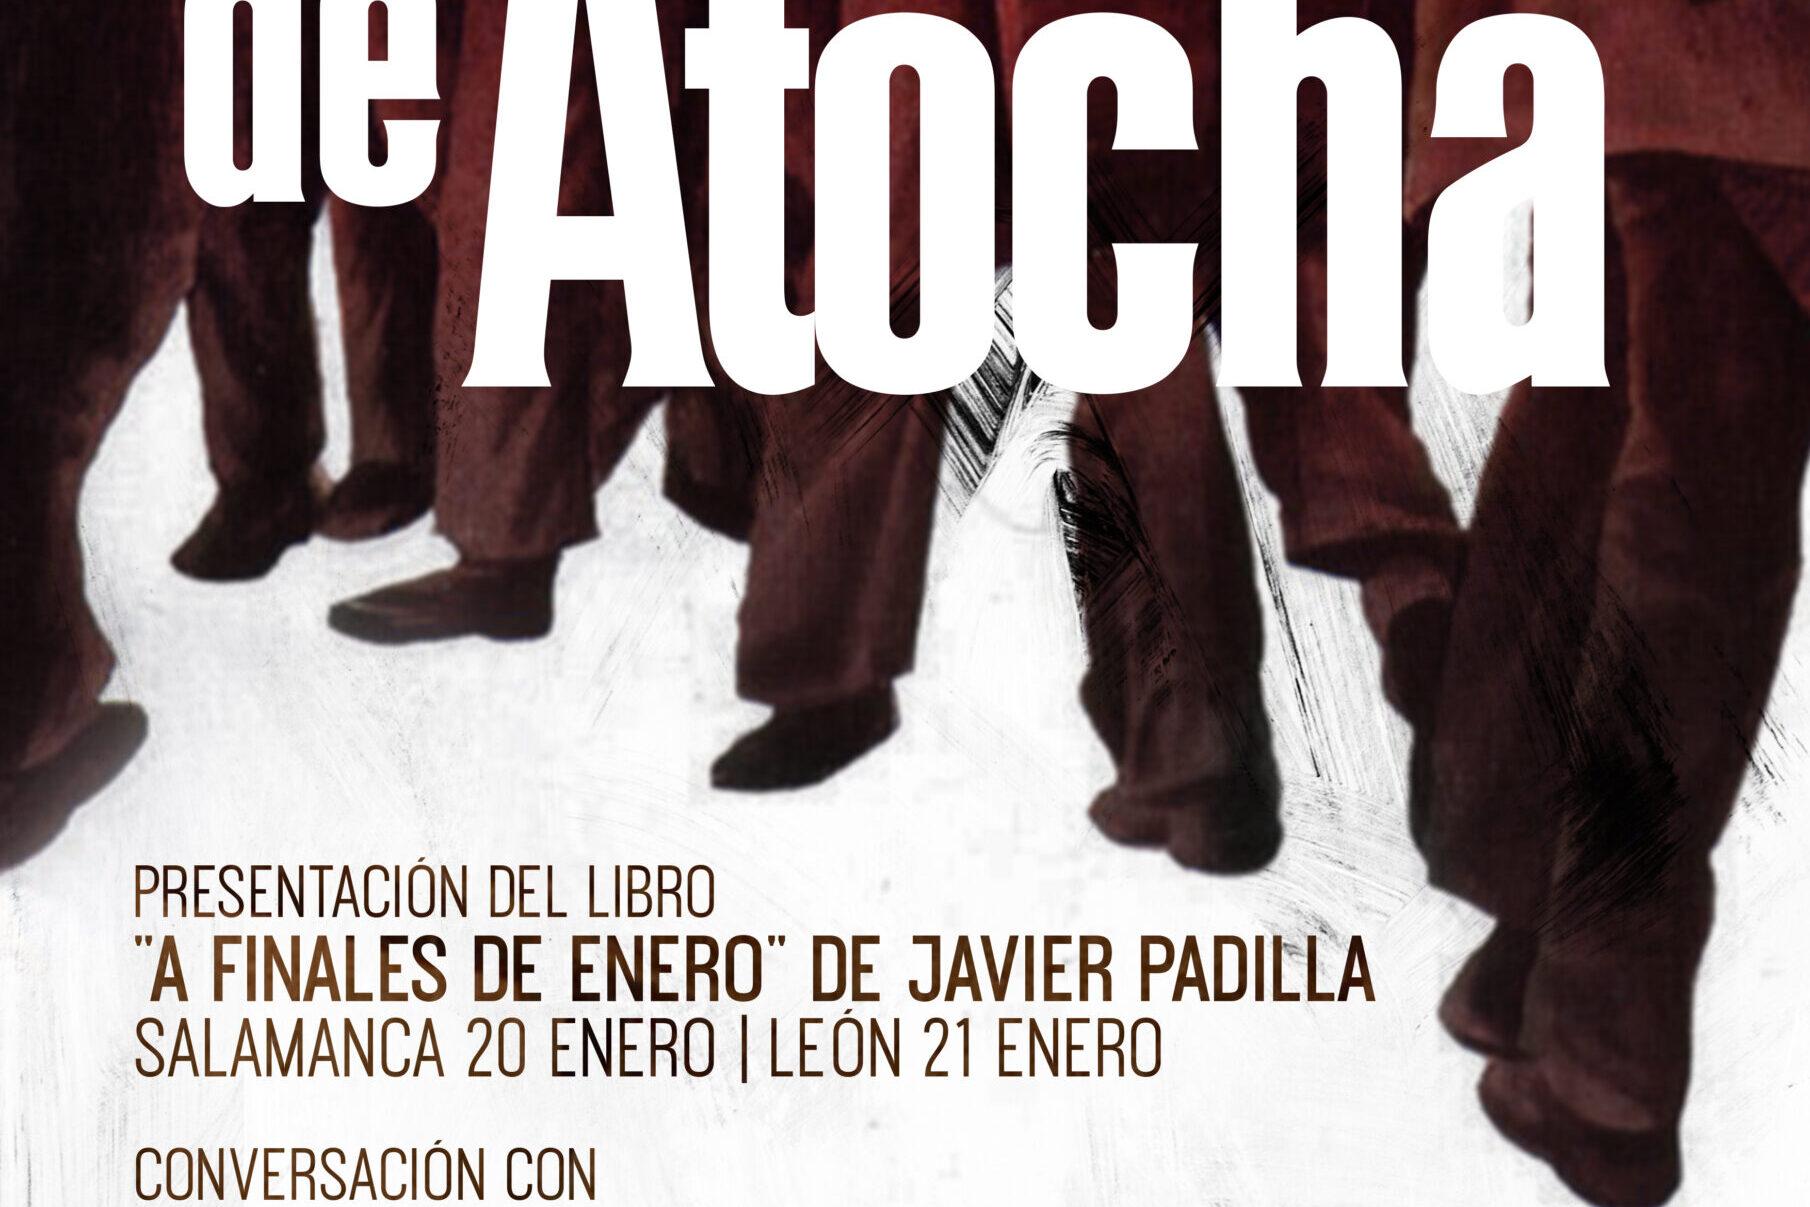 En 2020 celebramos la segunda edición de Memorias de Atocha